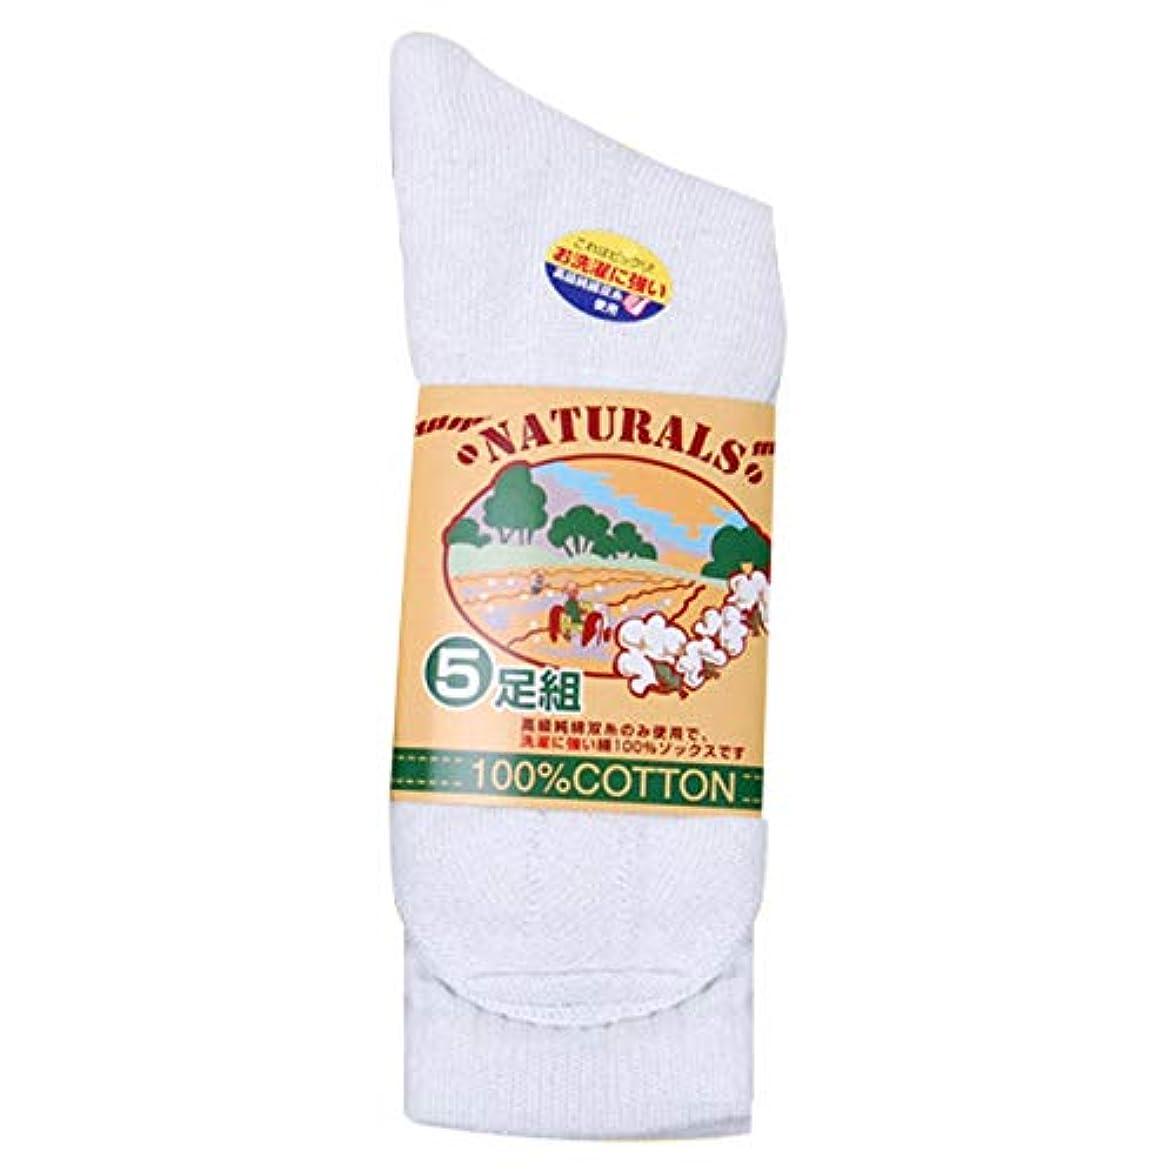 省略報酬の地理NATURALS 綿100% 洗濯に強い先丸軍足 5足組 naturals01